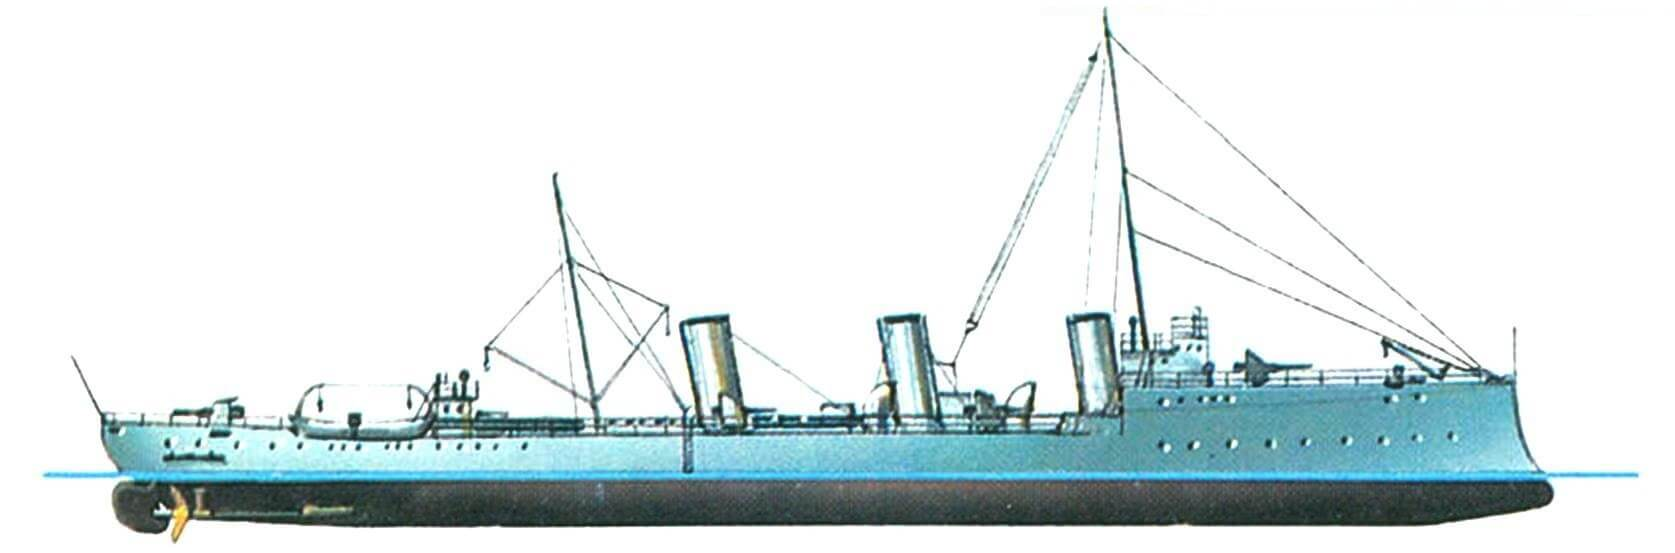 161. Минный крейсер «Украйна», Россия, 1905 г. Строился в Риге по проекту фирмы «Вулкан». Водоизмещение проектное 500 т, фактическое 630 т. Длина наибольшая 73,2 м, ширина 7,23 м, осадка 2,3 м. Мощность двухвальной паросиловой установки 6200 л.с., скорость 25 узлов. Вооружение: две 75-мм и четыре 57-мм пушки, четыре пулемета, три торпедных аппарата. Всего построено восемь единиц: «Украйна», «Войсковой», «Туркменец Ставропольский», «Казанец», «Стерегущий», «Страшный», «Донской казак» и «Забайкалец».